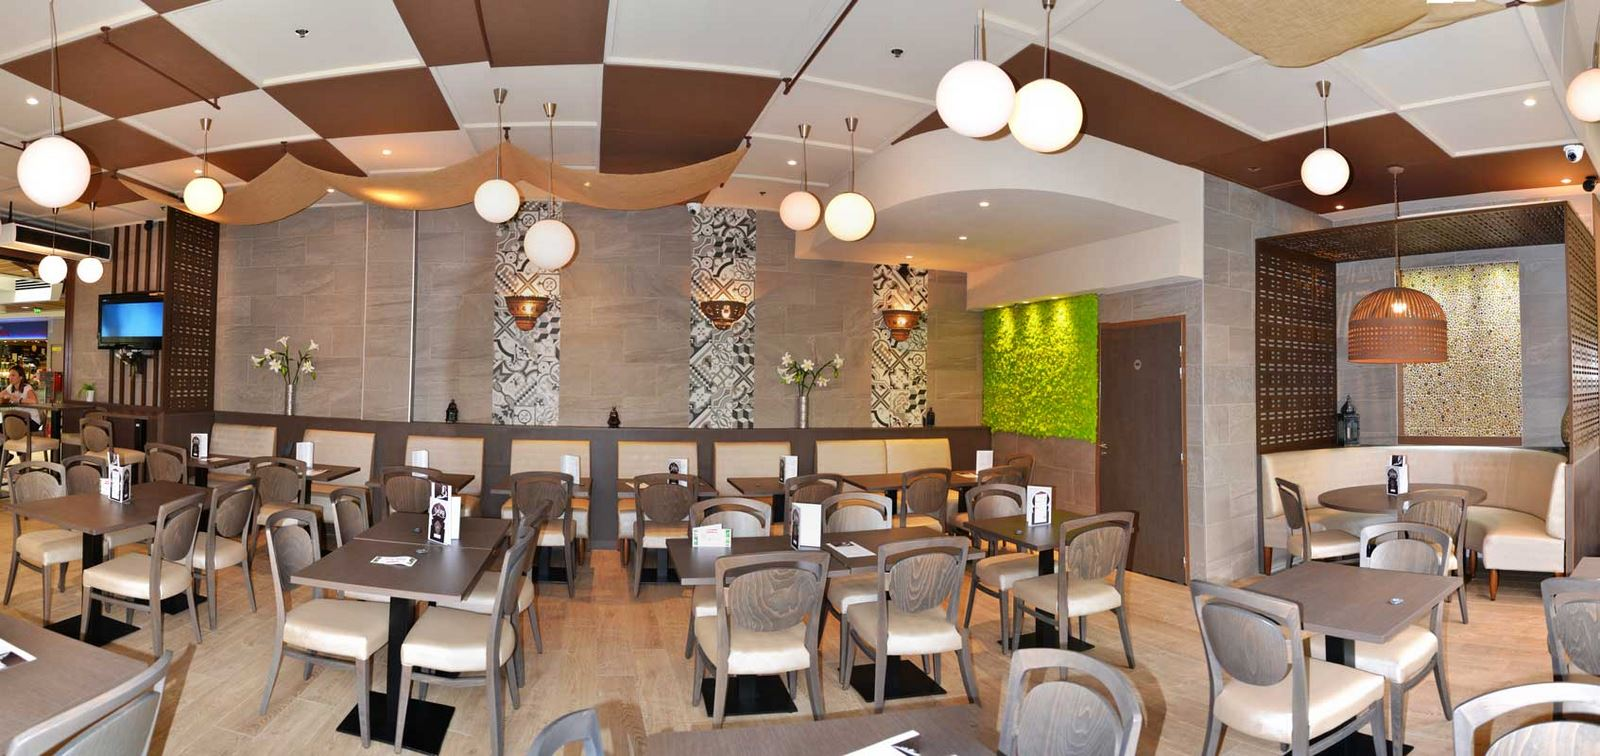 Agencement du restaurant la baraka centre commercial for Agencement cuisine la rochelle